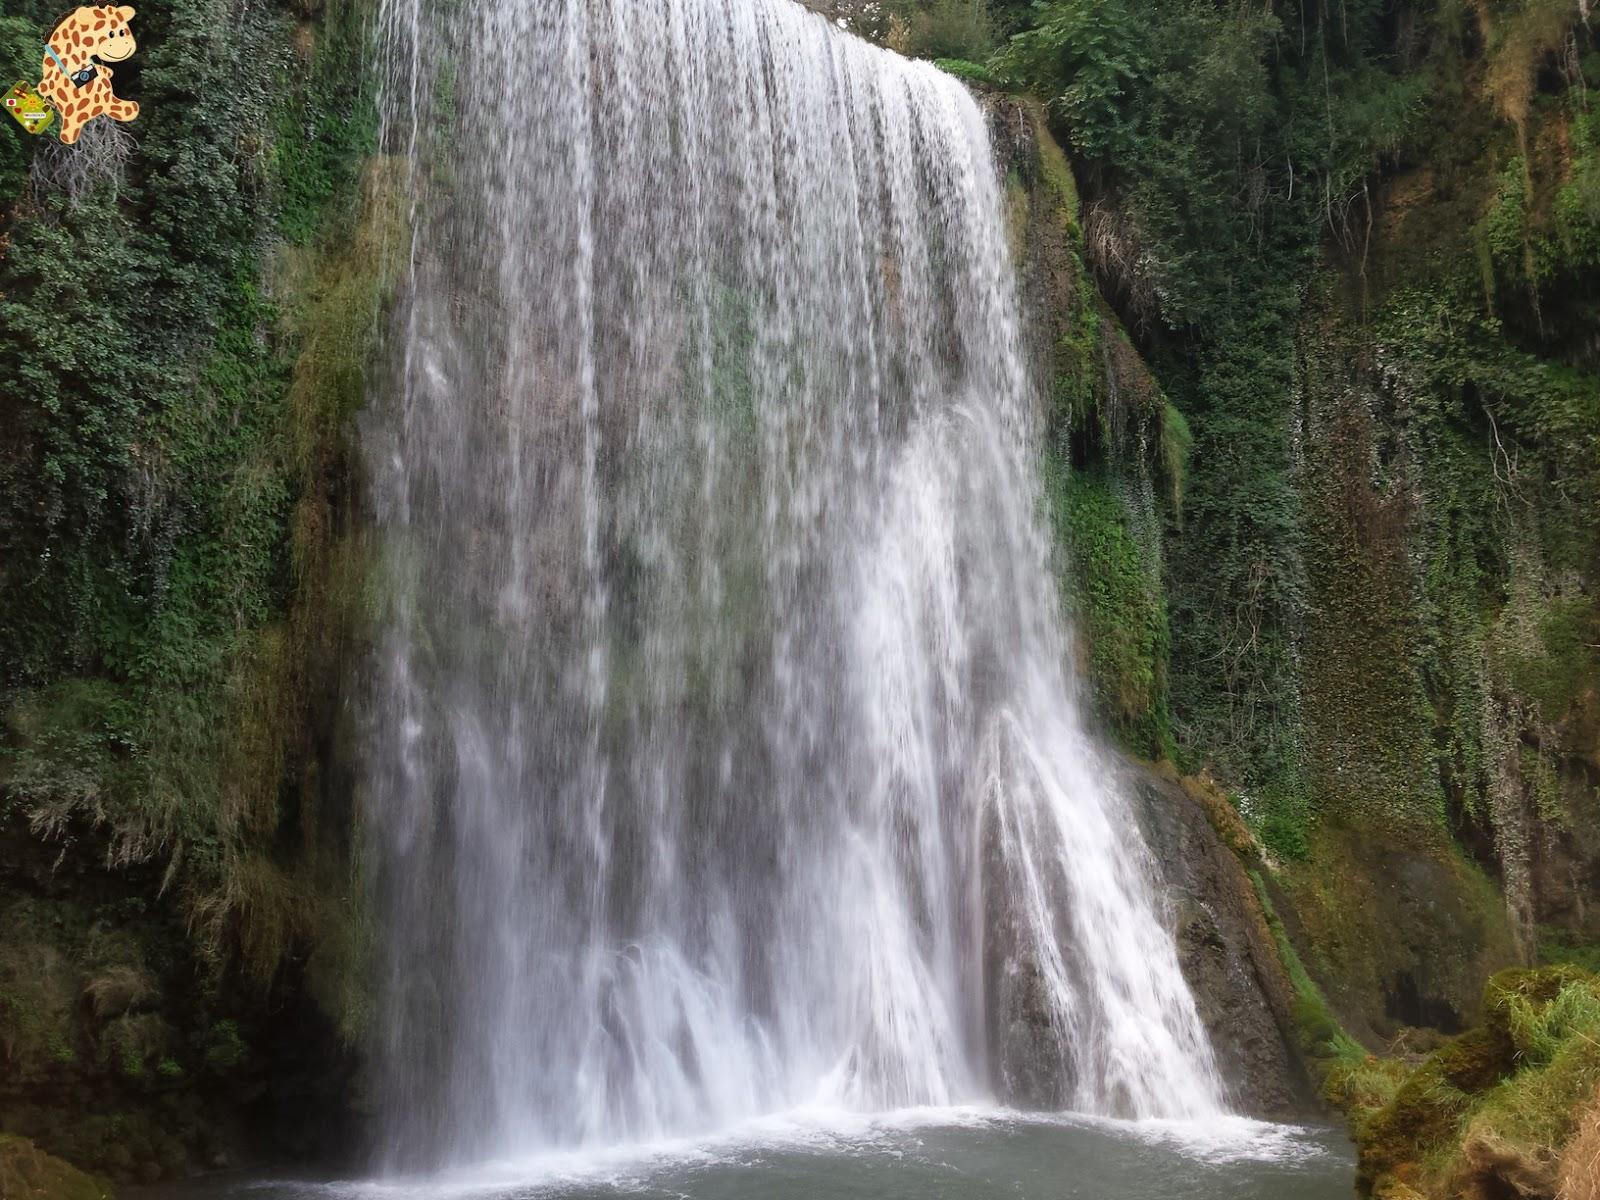 queverenelmonasteriodepiedra283729 - Qué ver en el Monasterio de Piedra